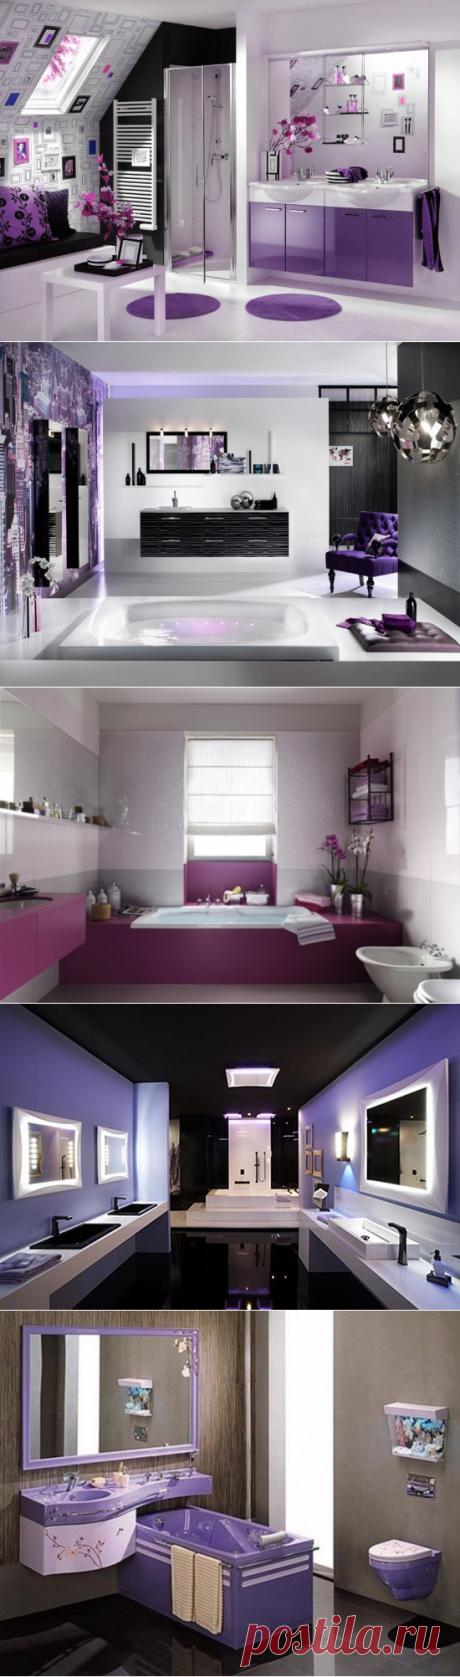 Фиолетово-черный цвет в дизайне ванной комнаты